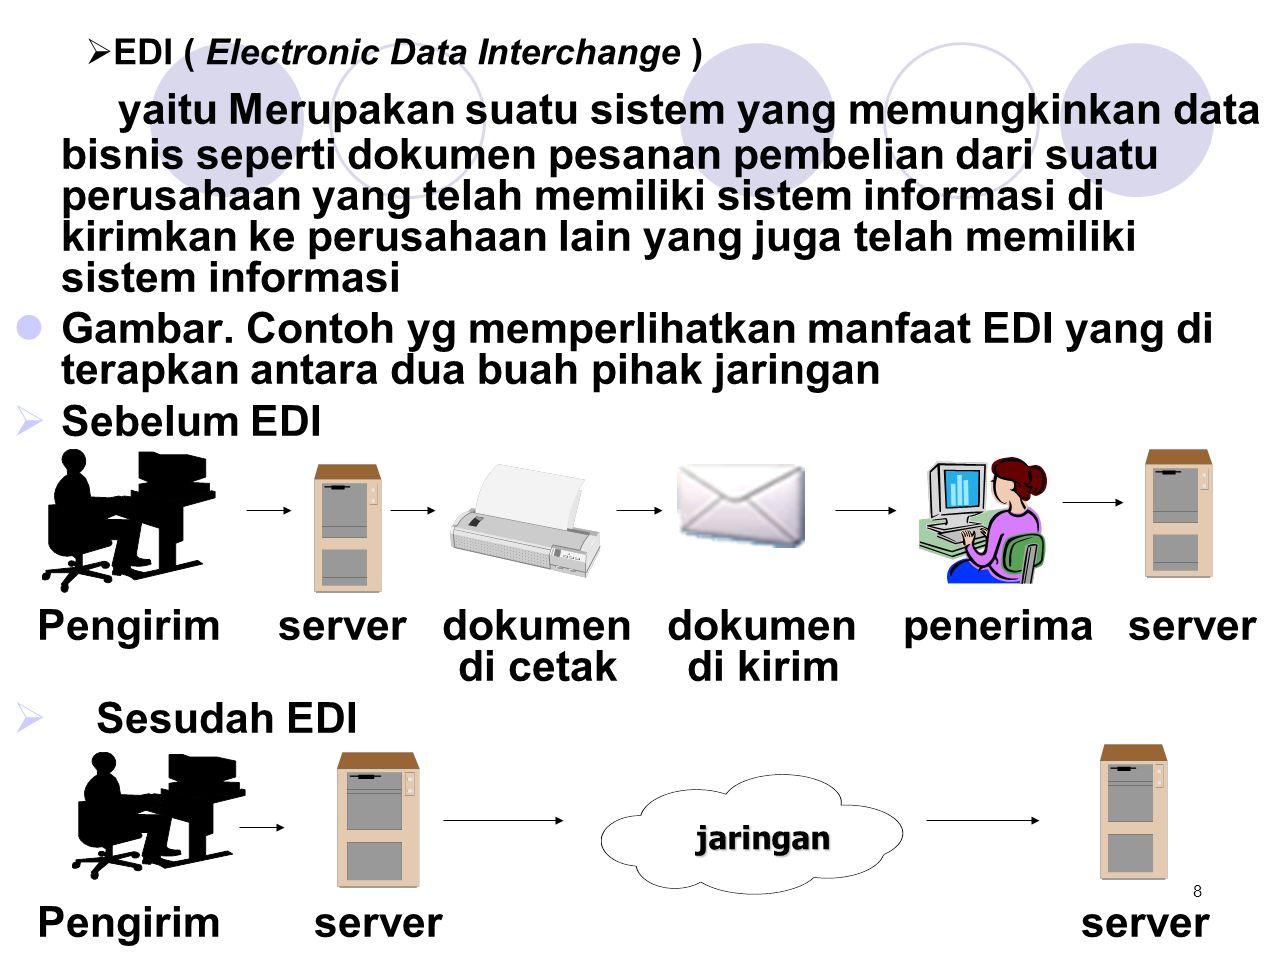  EDI ( Electronic Data Interchange ) yaitu Merupakan suatu sistem yang memungkinkan data bisnis seperti dokumen pesanan pembelian dari suatu perusaha